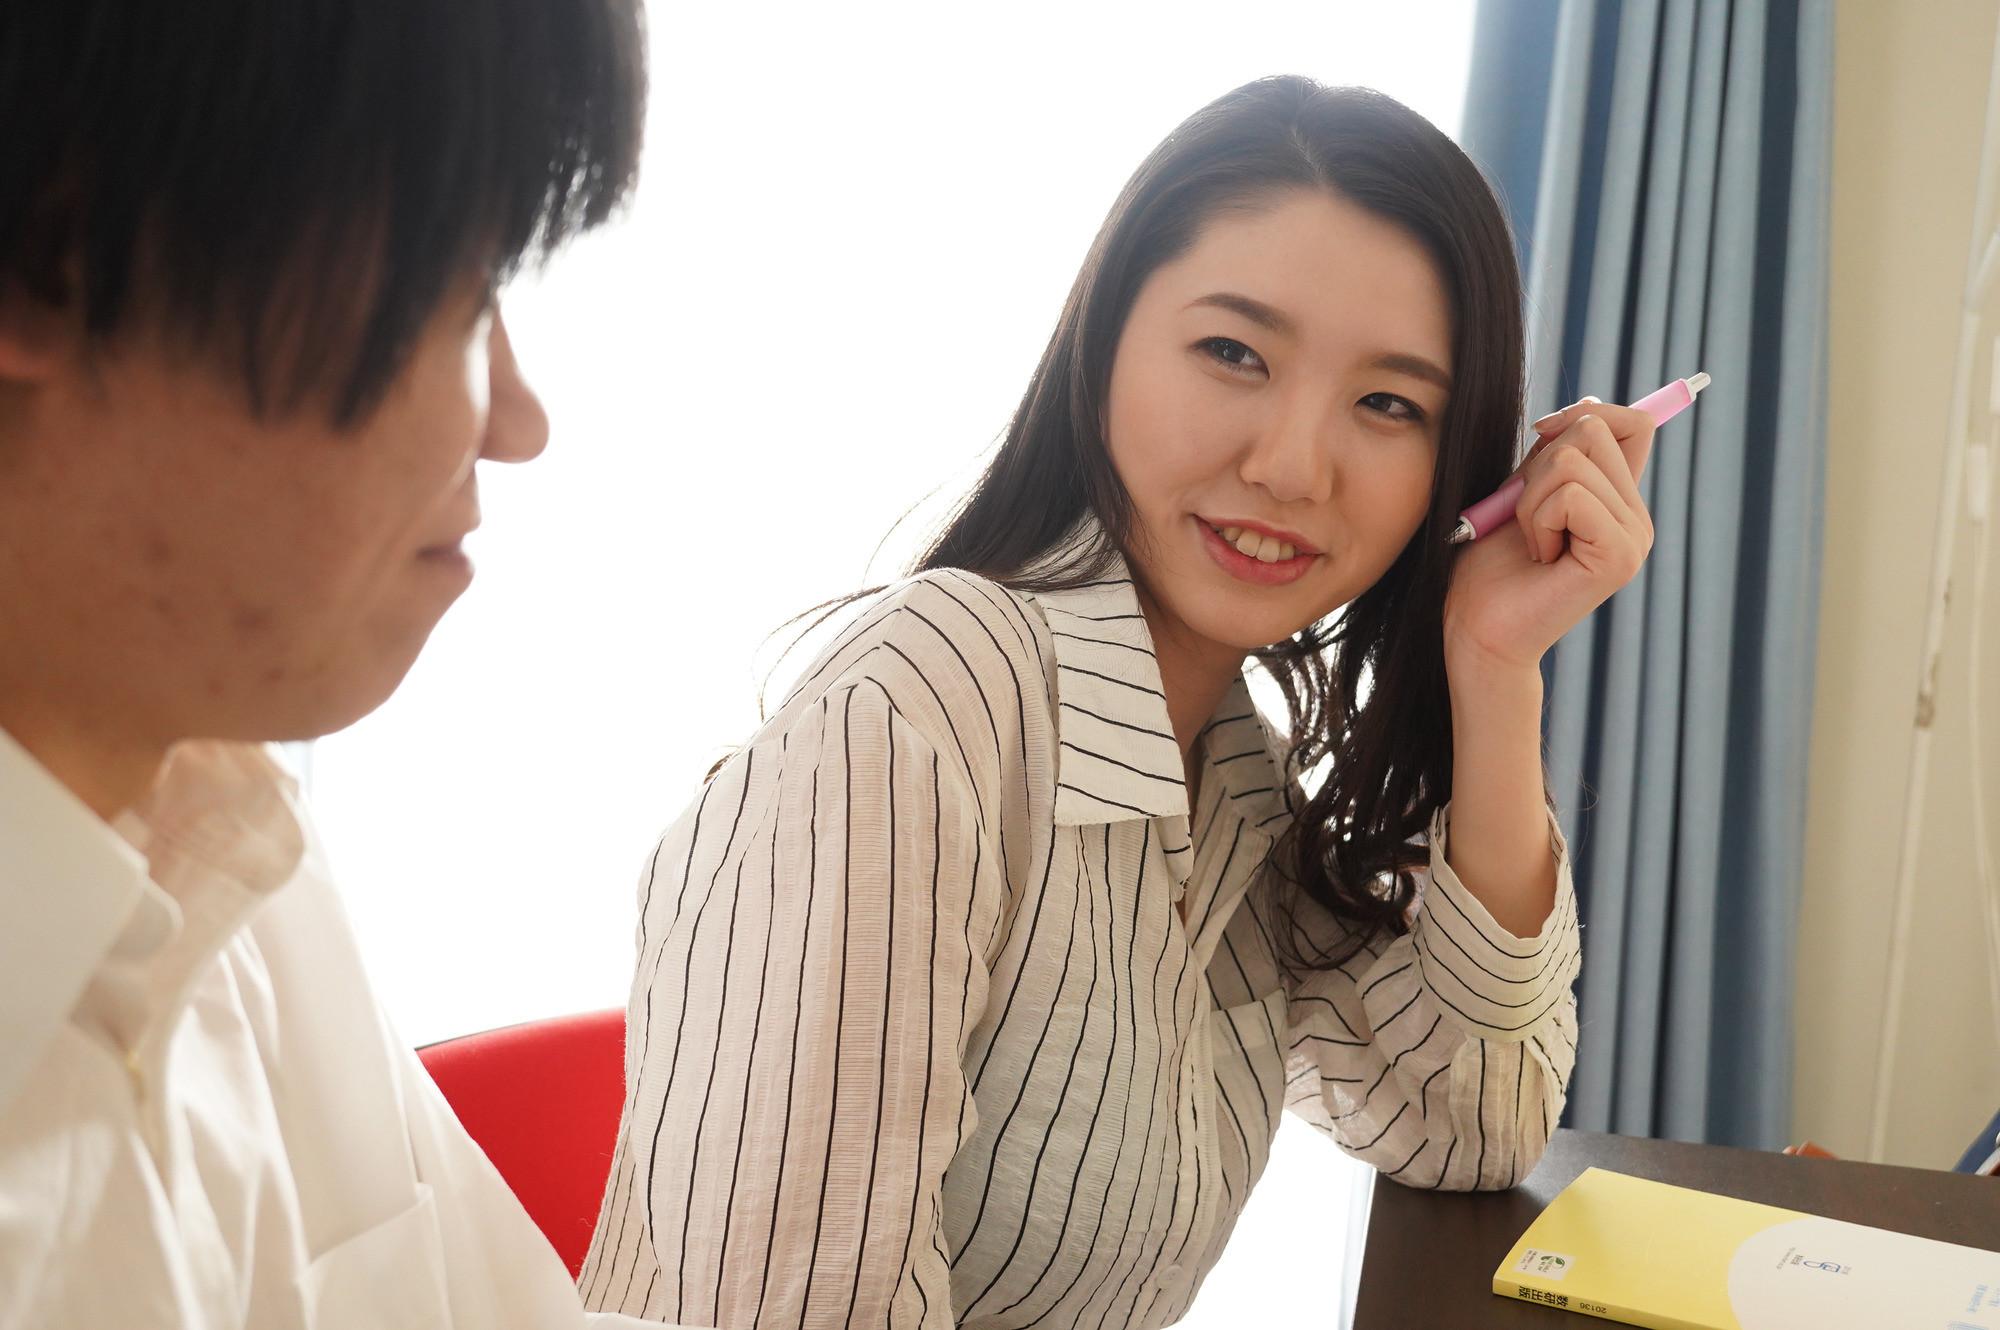 勉強のついでに性処理までしてくれるHカップのヤリマン家庭教師 瀬名ひかり,のサンプル画像1